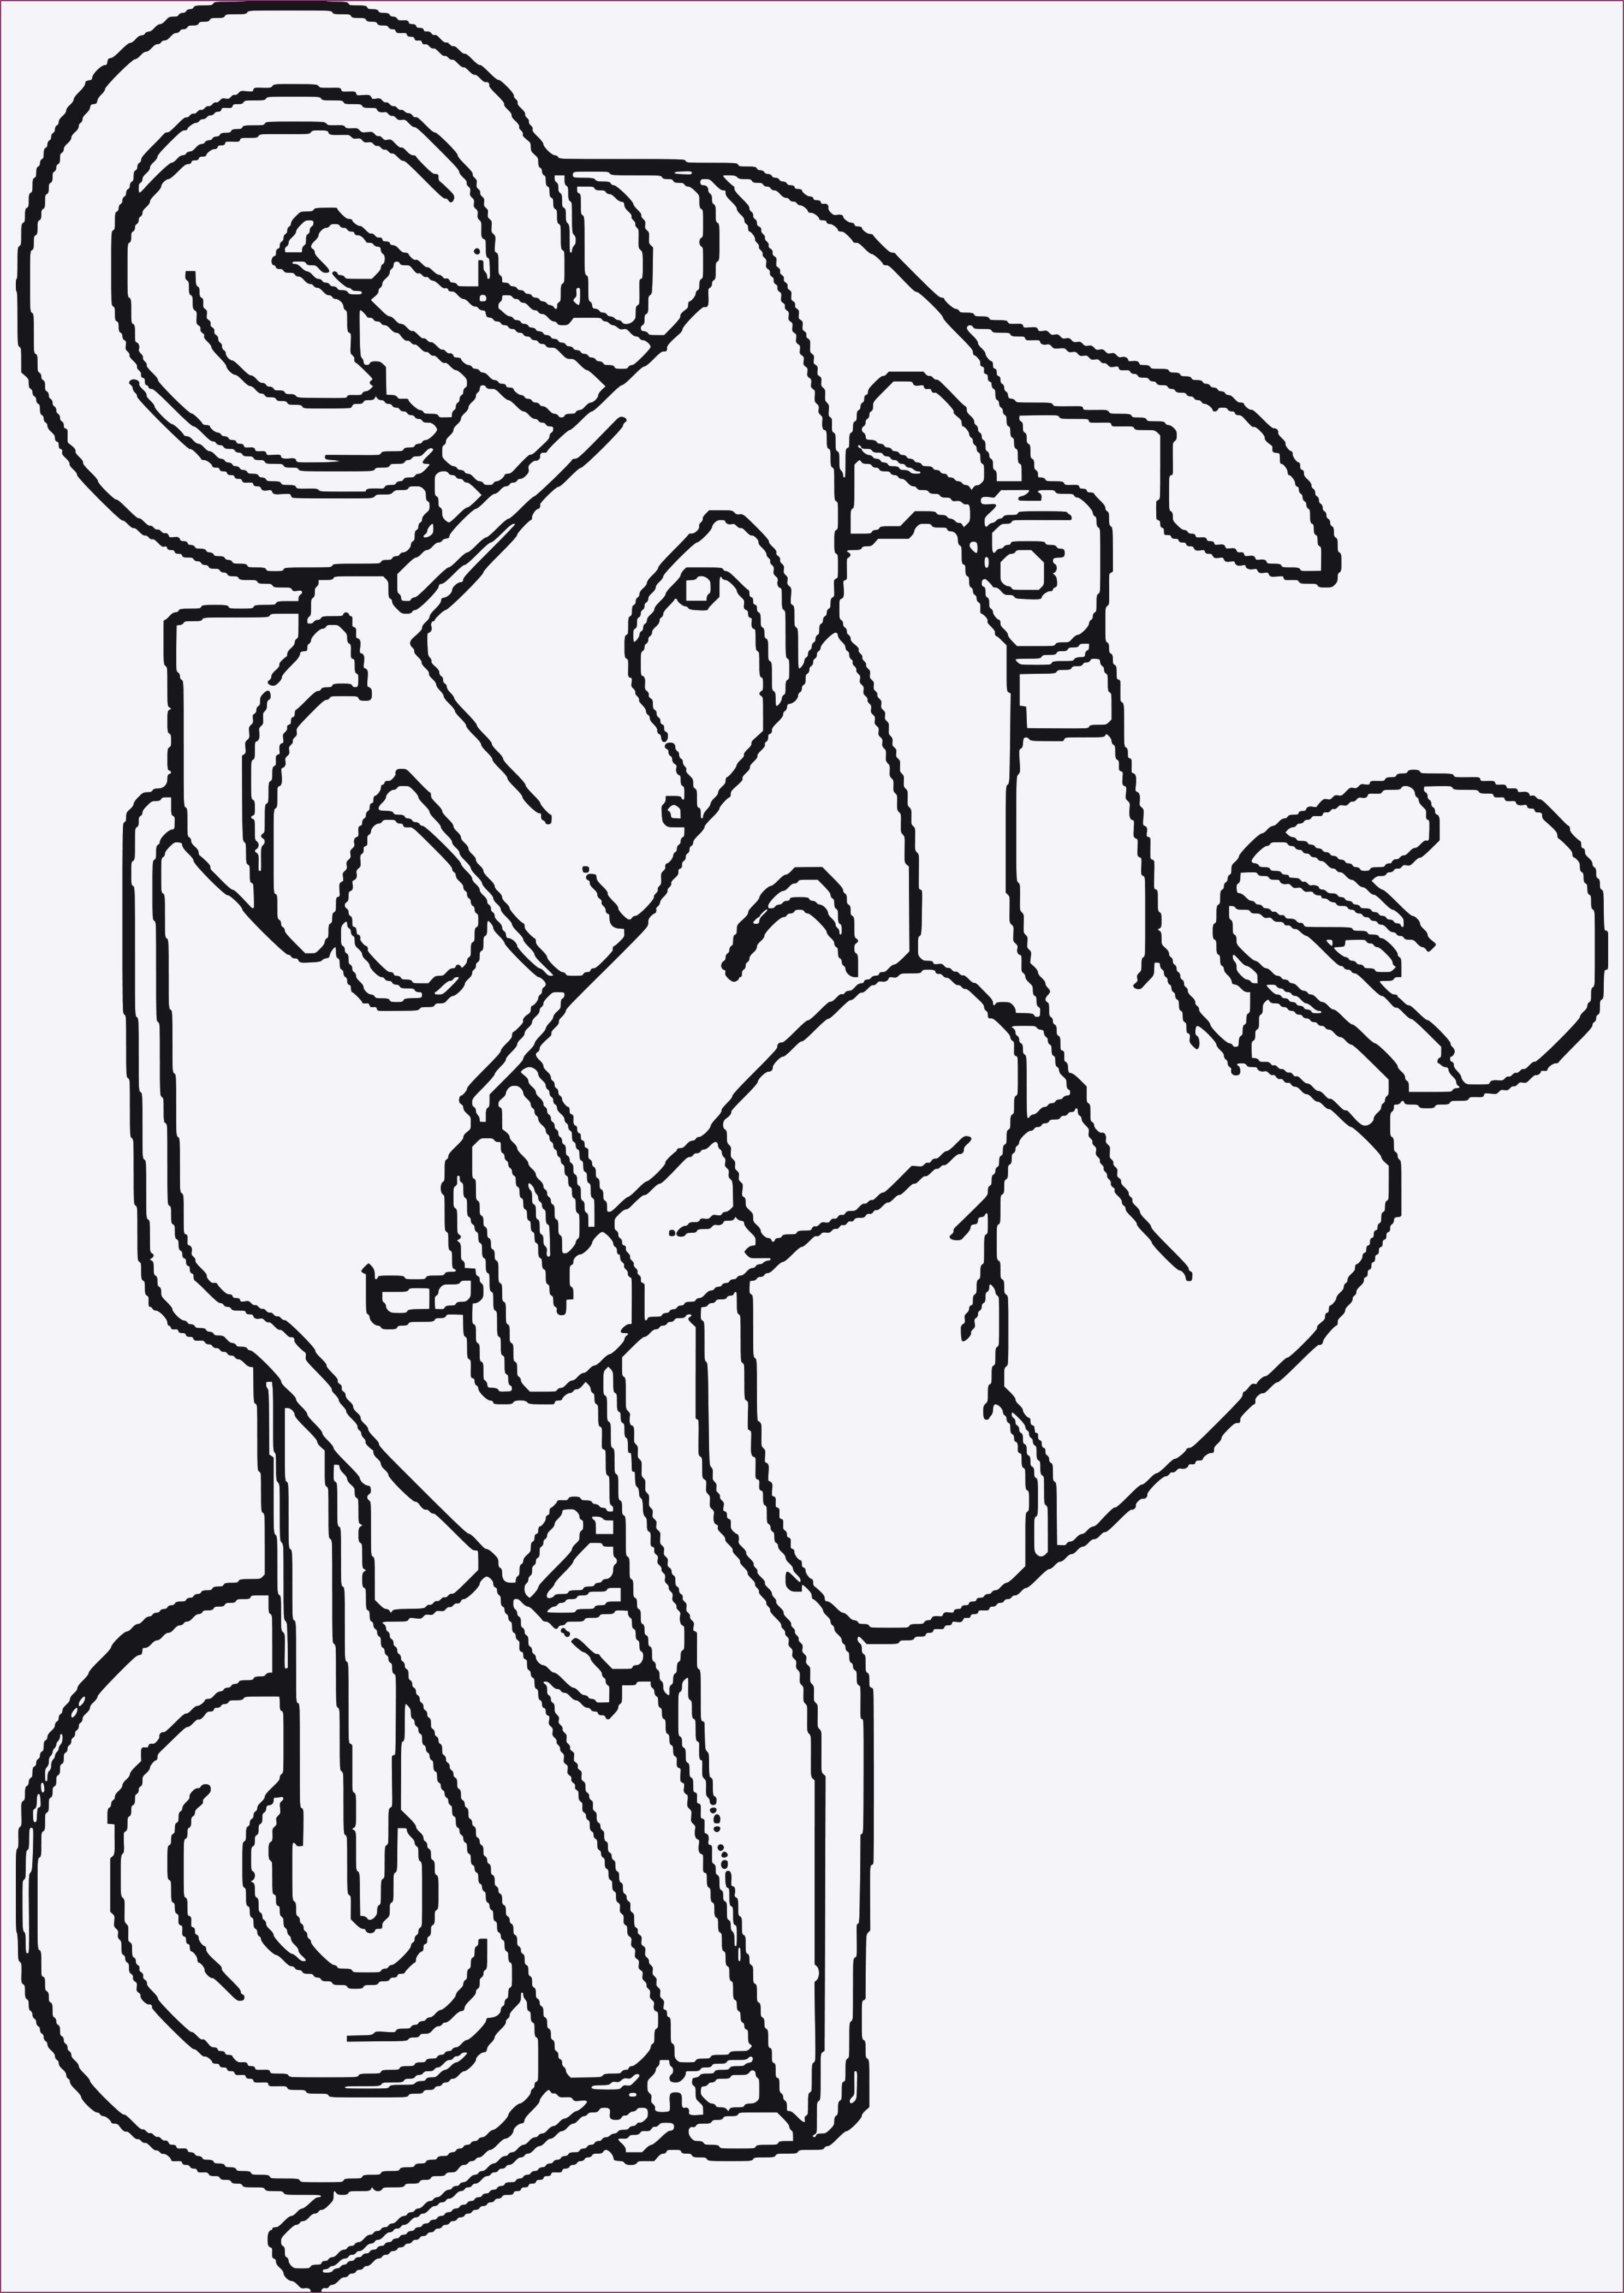 Ausmalbilder Ninjago Meister Der Zeit Neu Ausmalbilder Ninjago Schlangen Samurai Besten Ausmalbilder Galerie